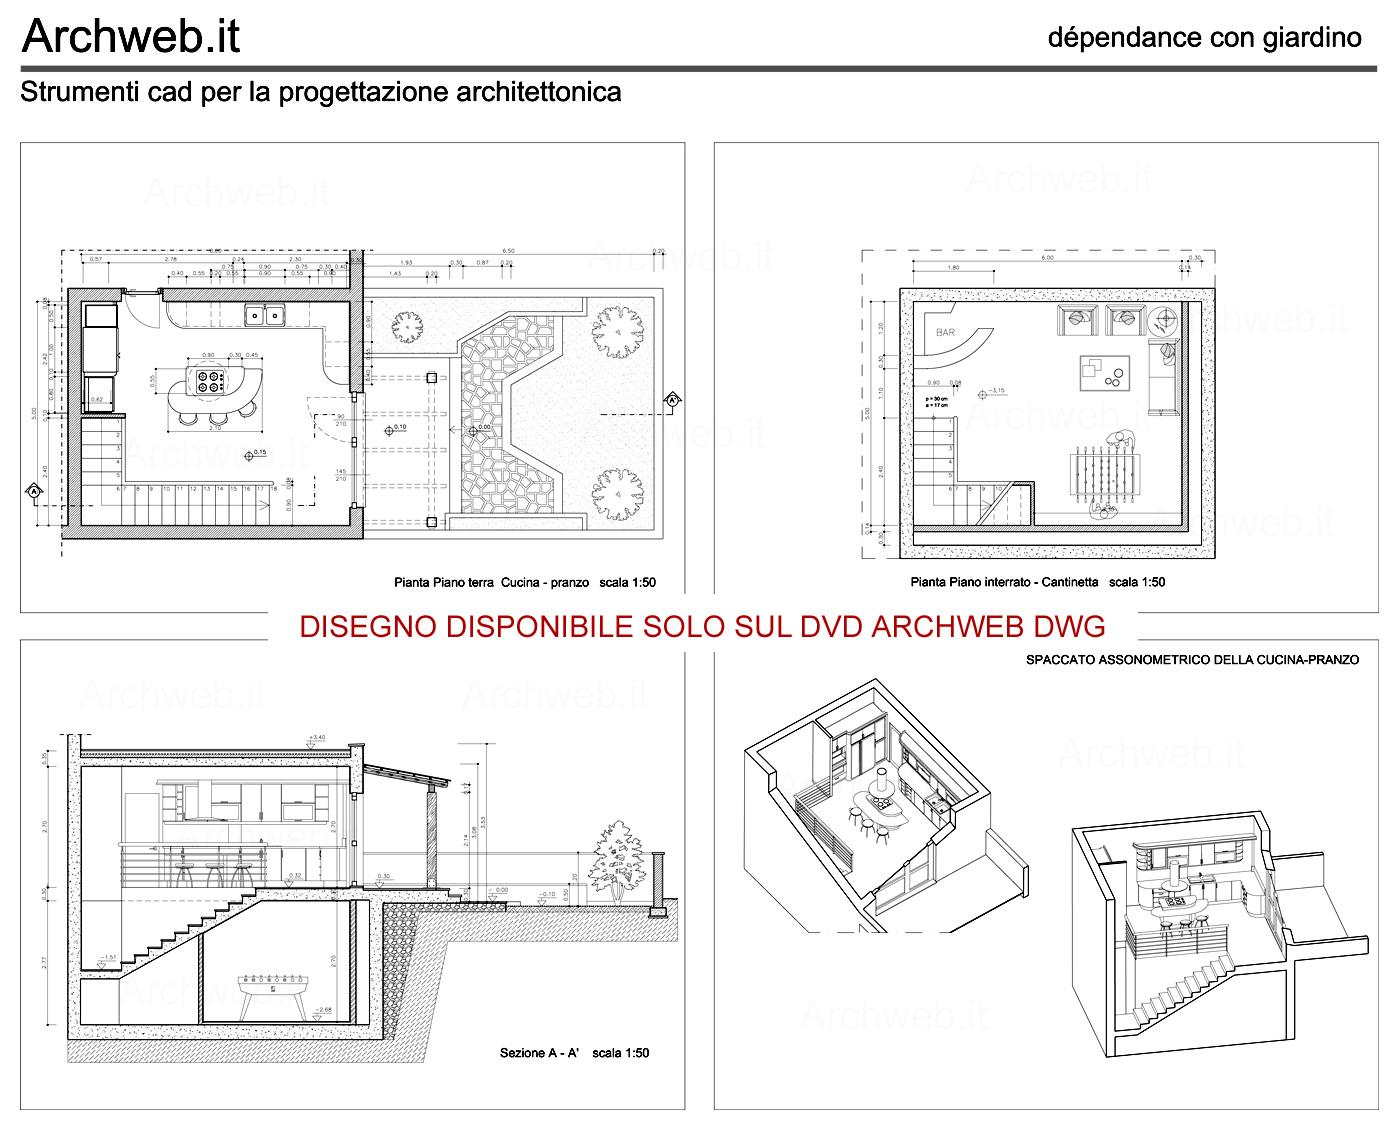 The archweb dwg dvd release for Archweb arredi